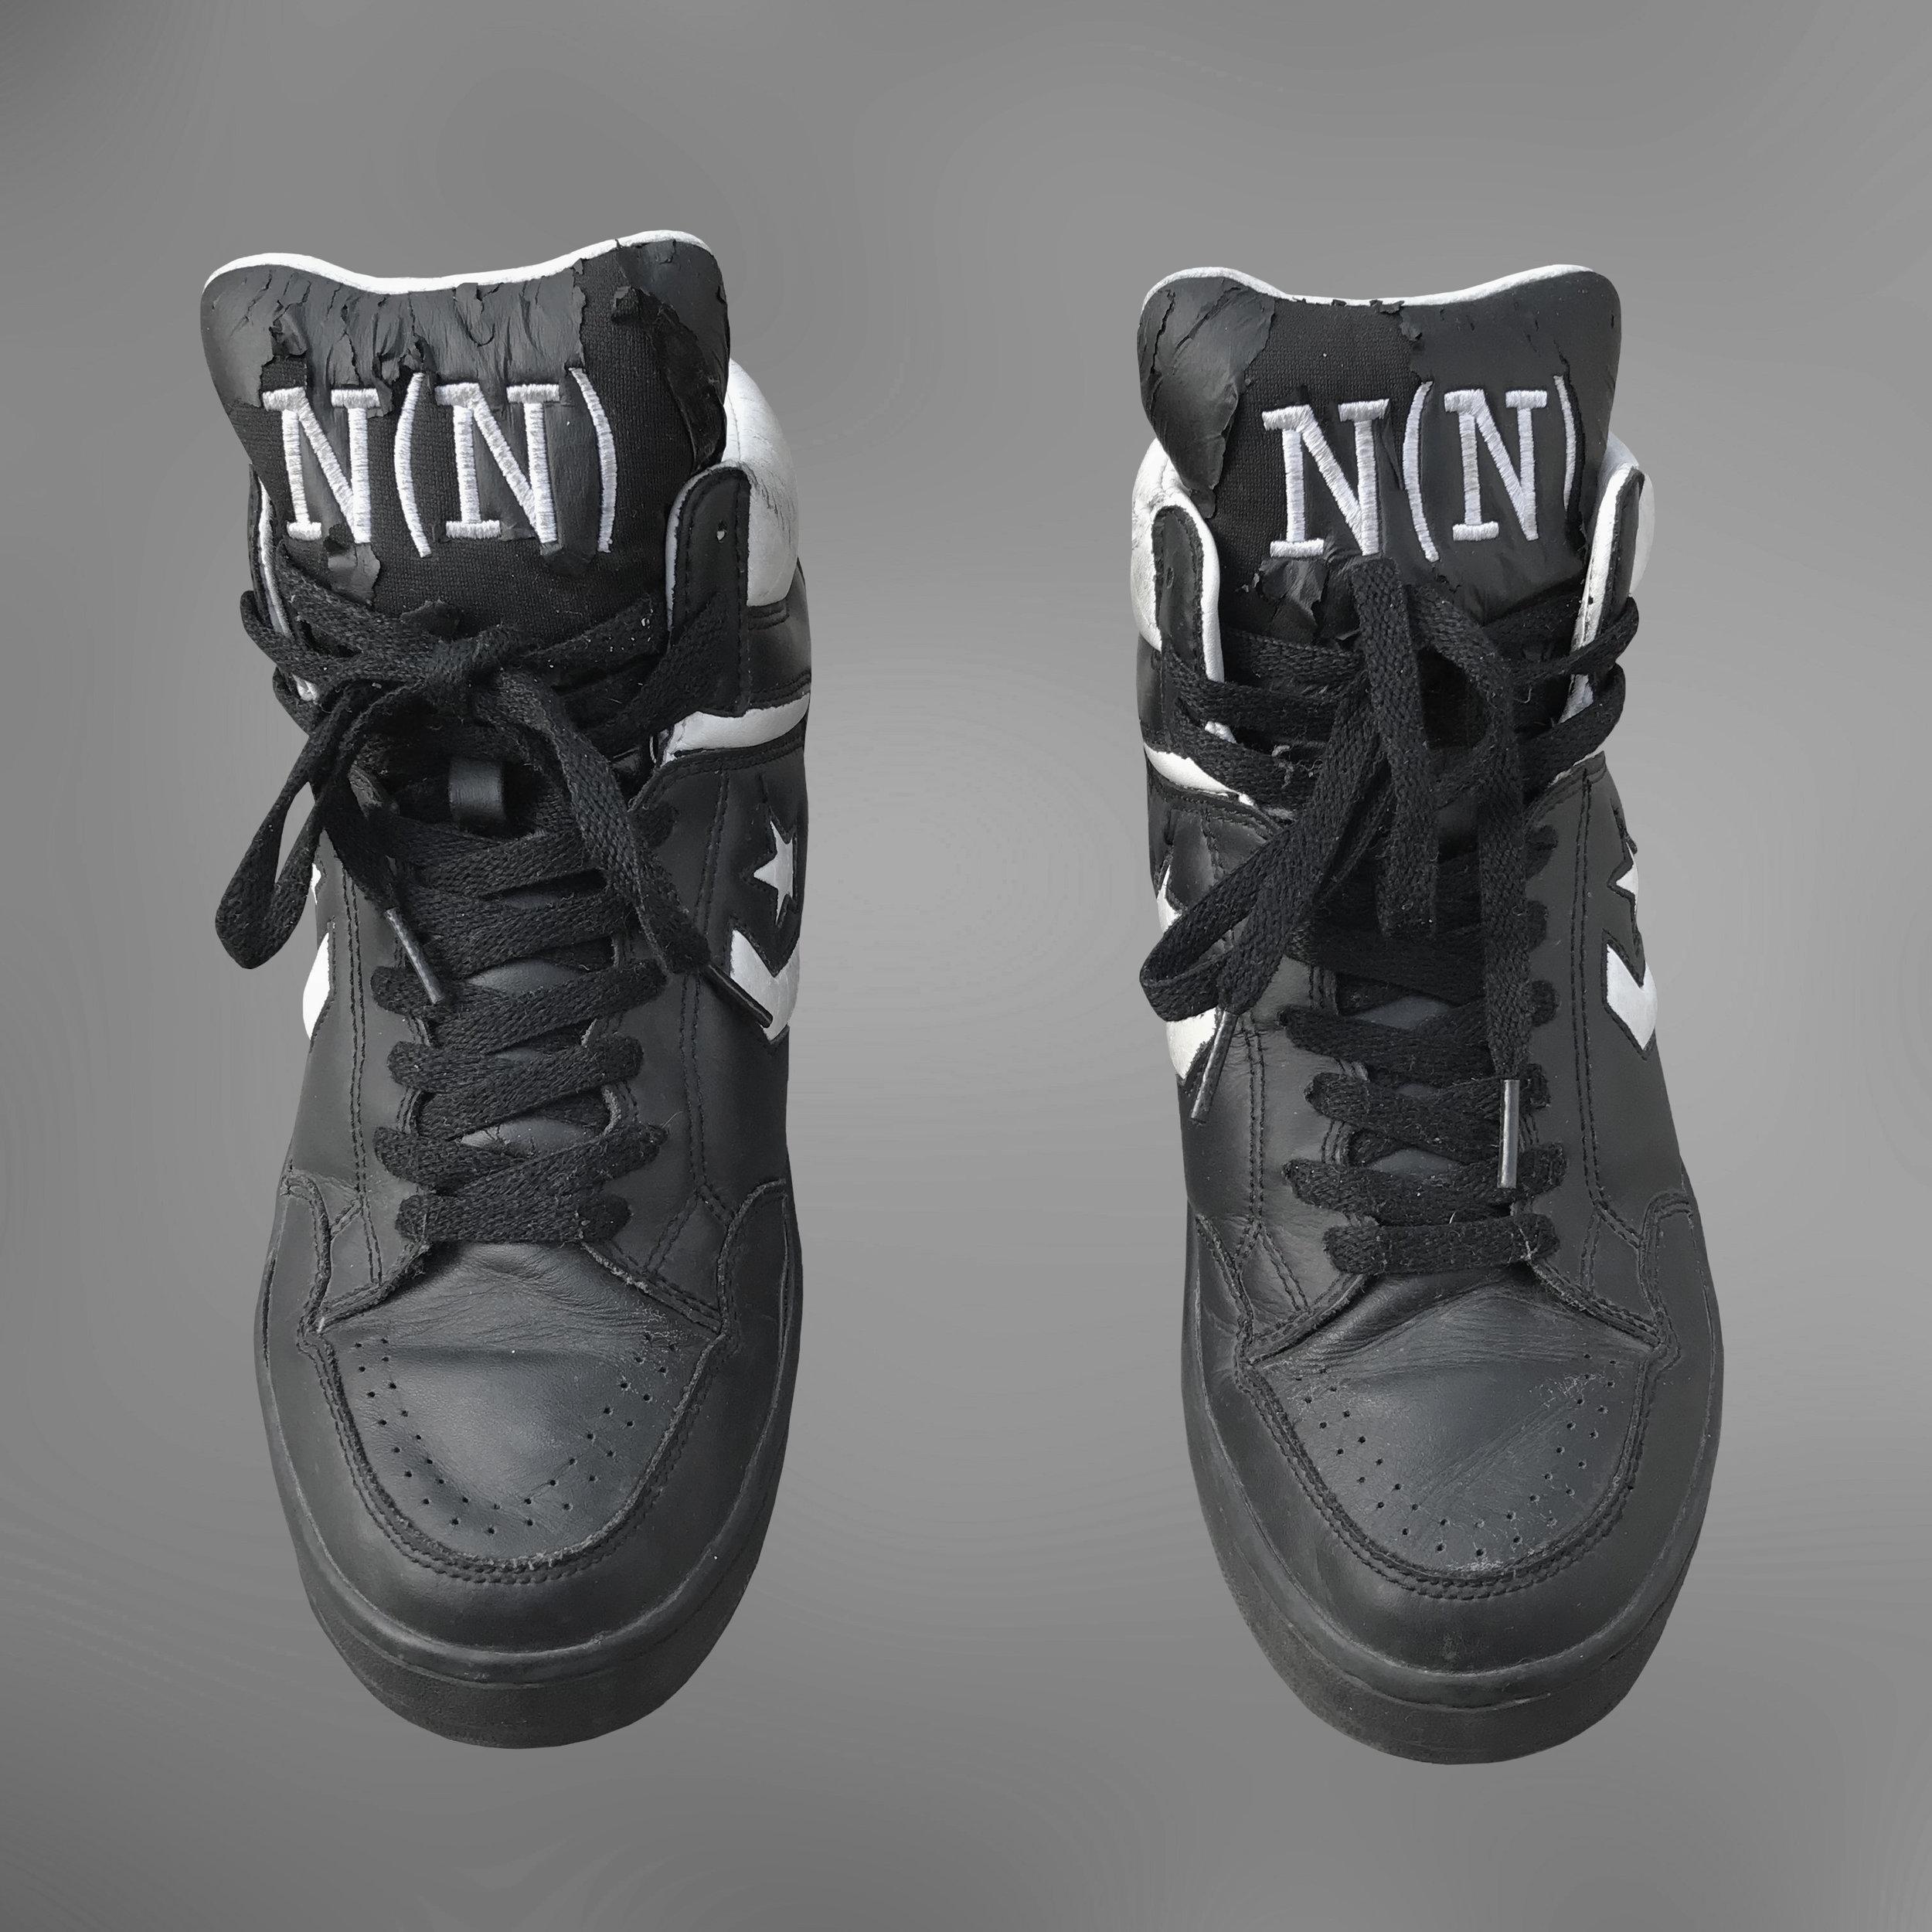 Number (N)ine Converse Weapons